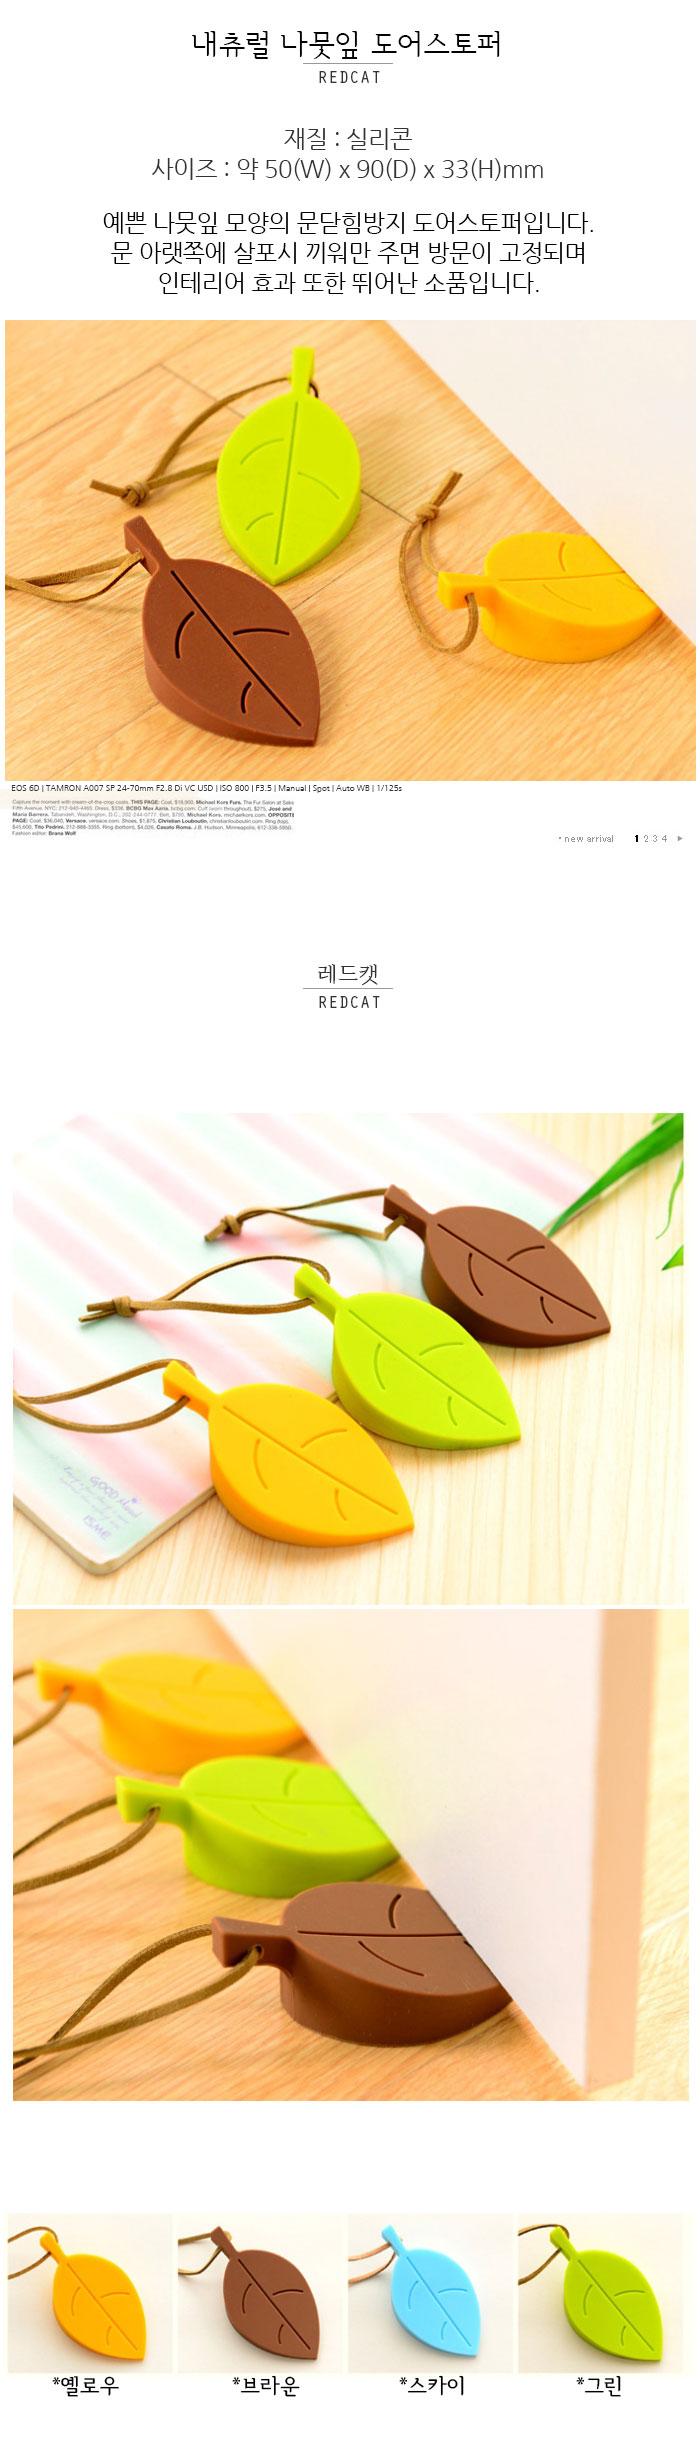 내츄럴 나뭇잎 도어스토퍼 - 네코리빙, 1,440원, 생활잡화, 도어스토퍼